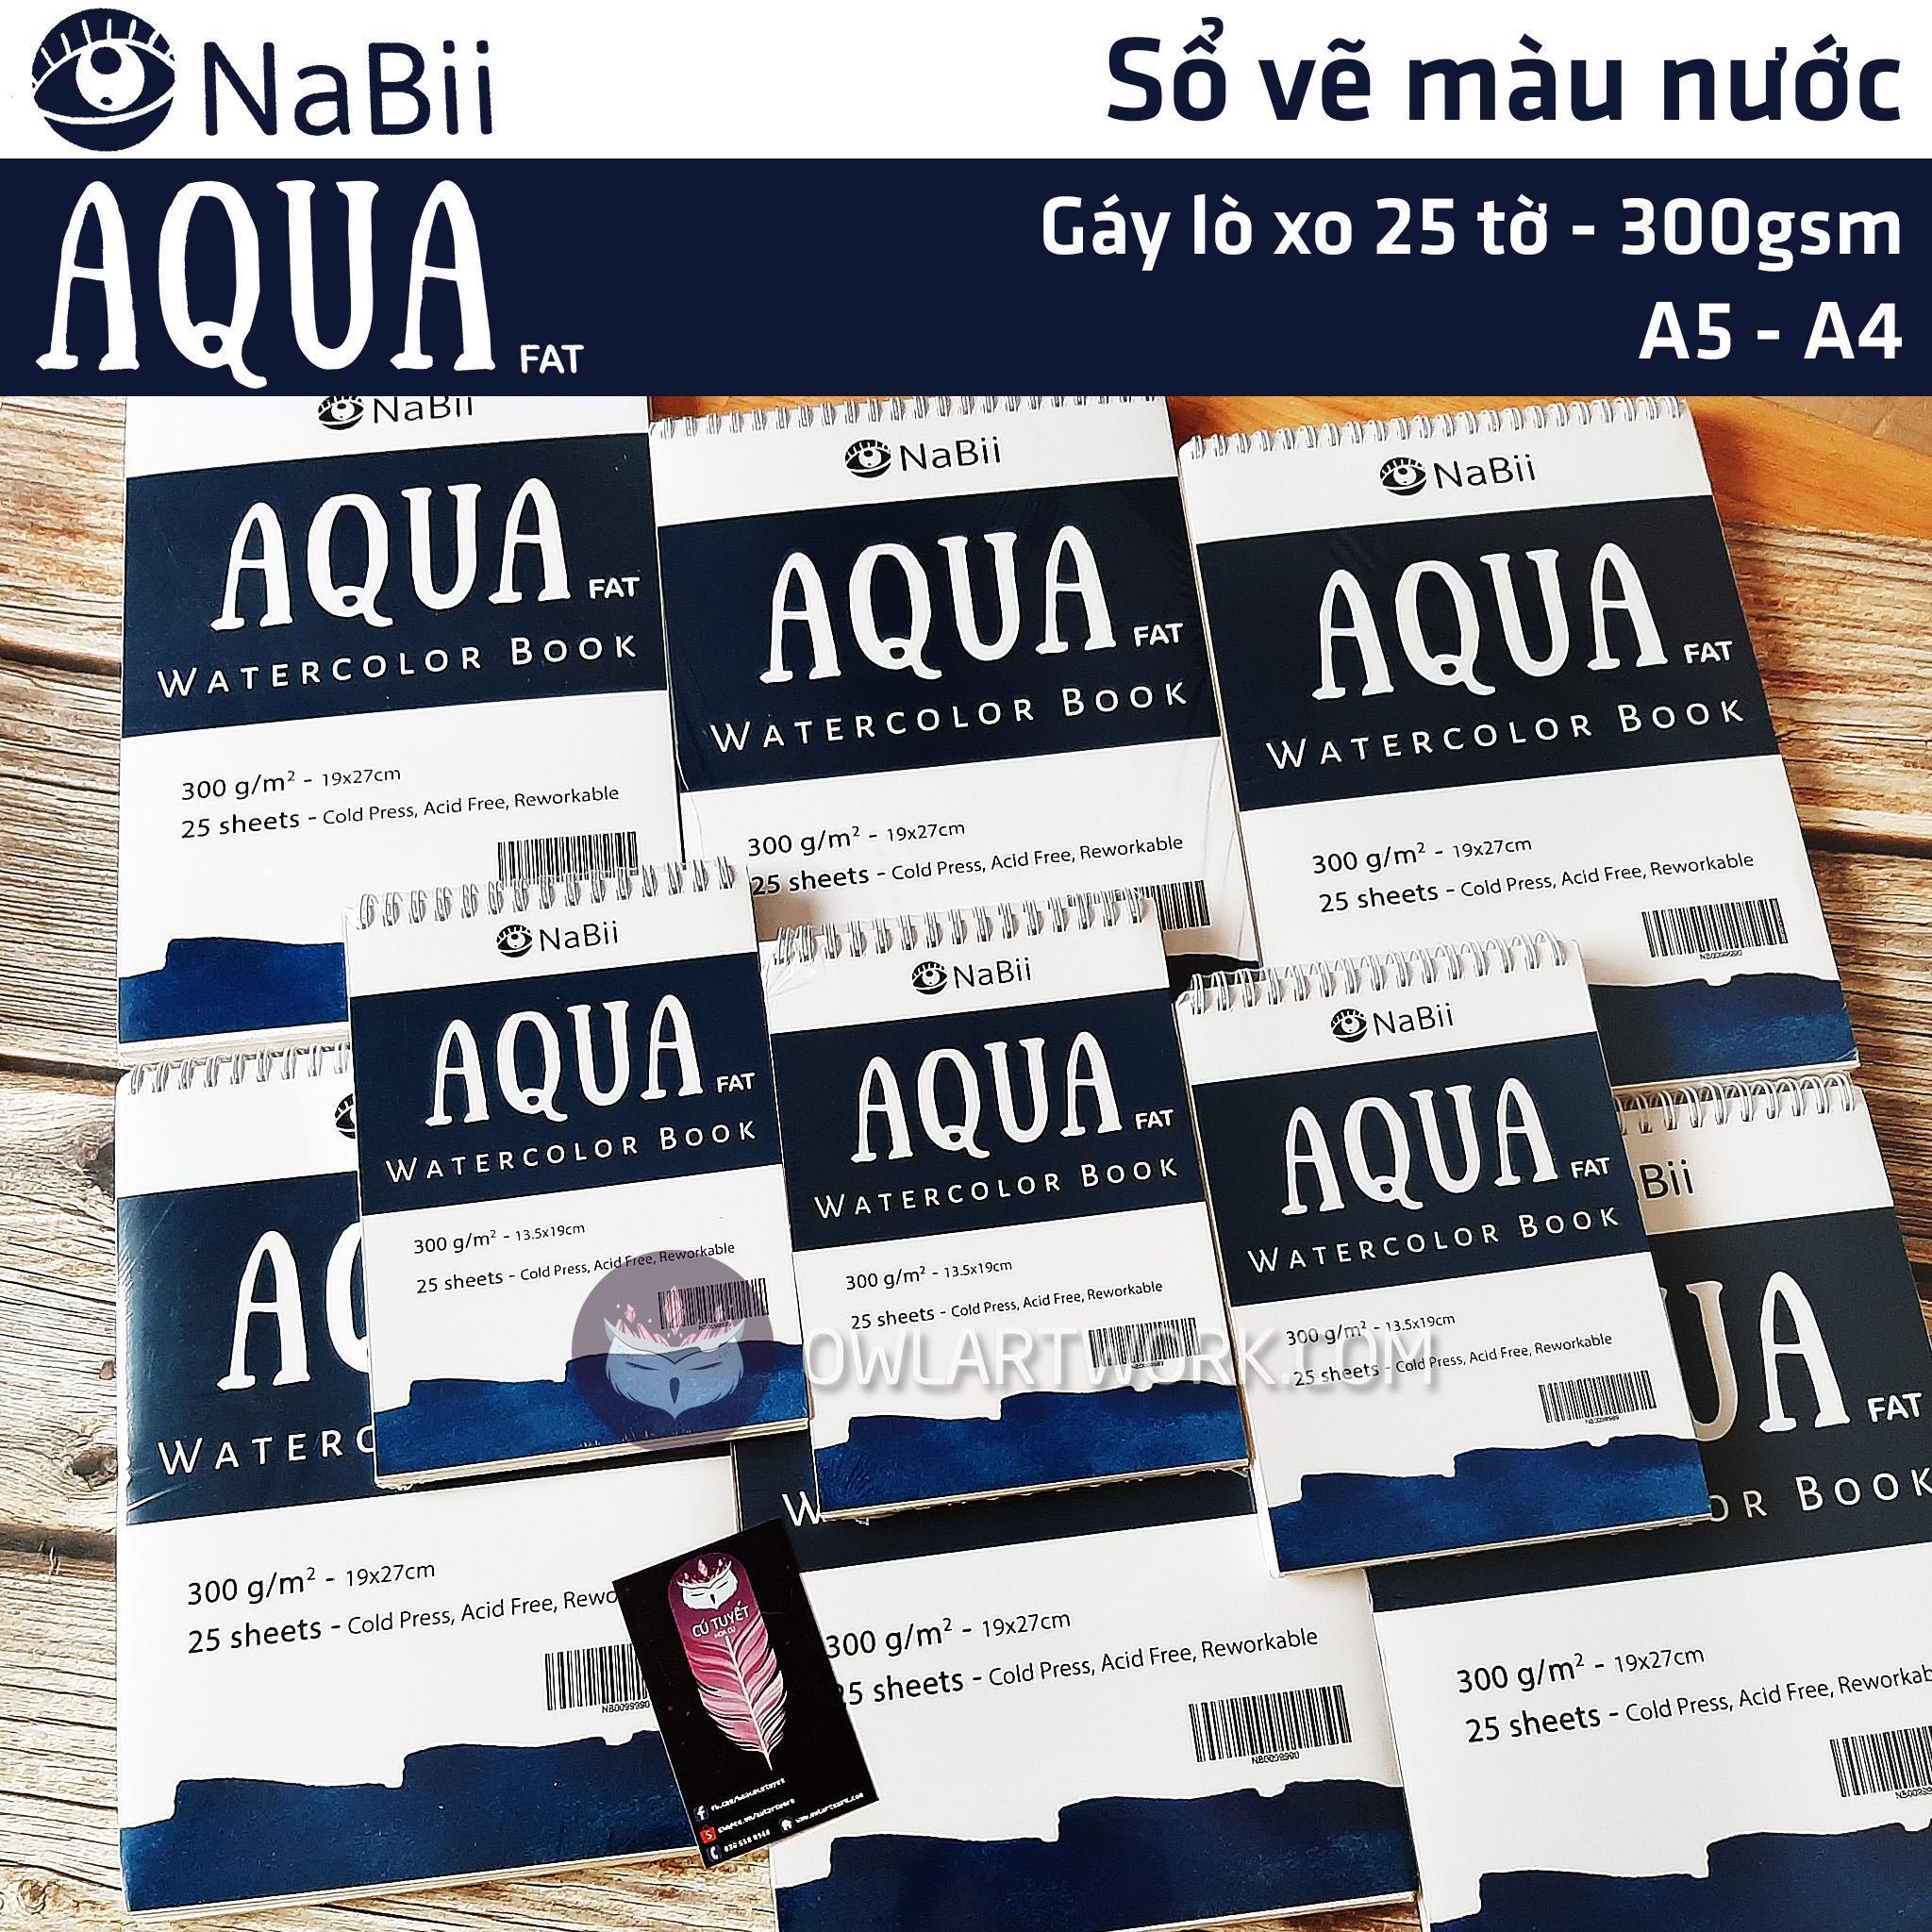 Mua Sổ giấy vẽ màu nước NaBii Aqua Fat 300gsm 25 tờ